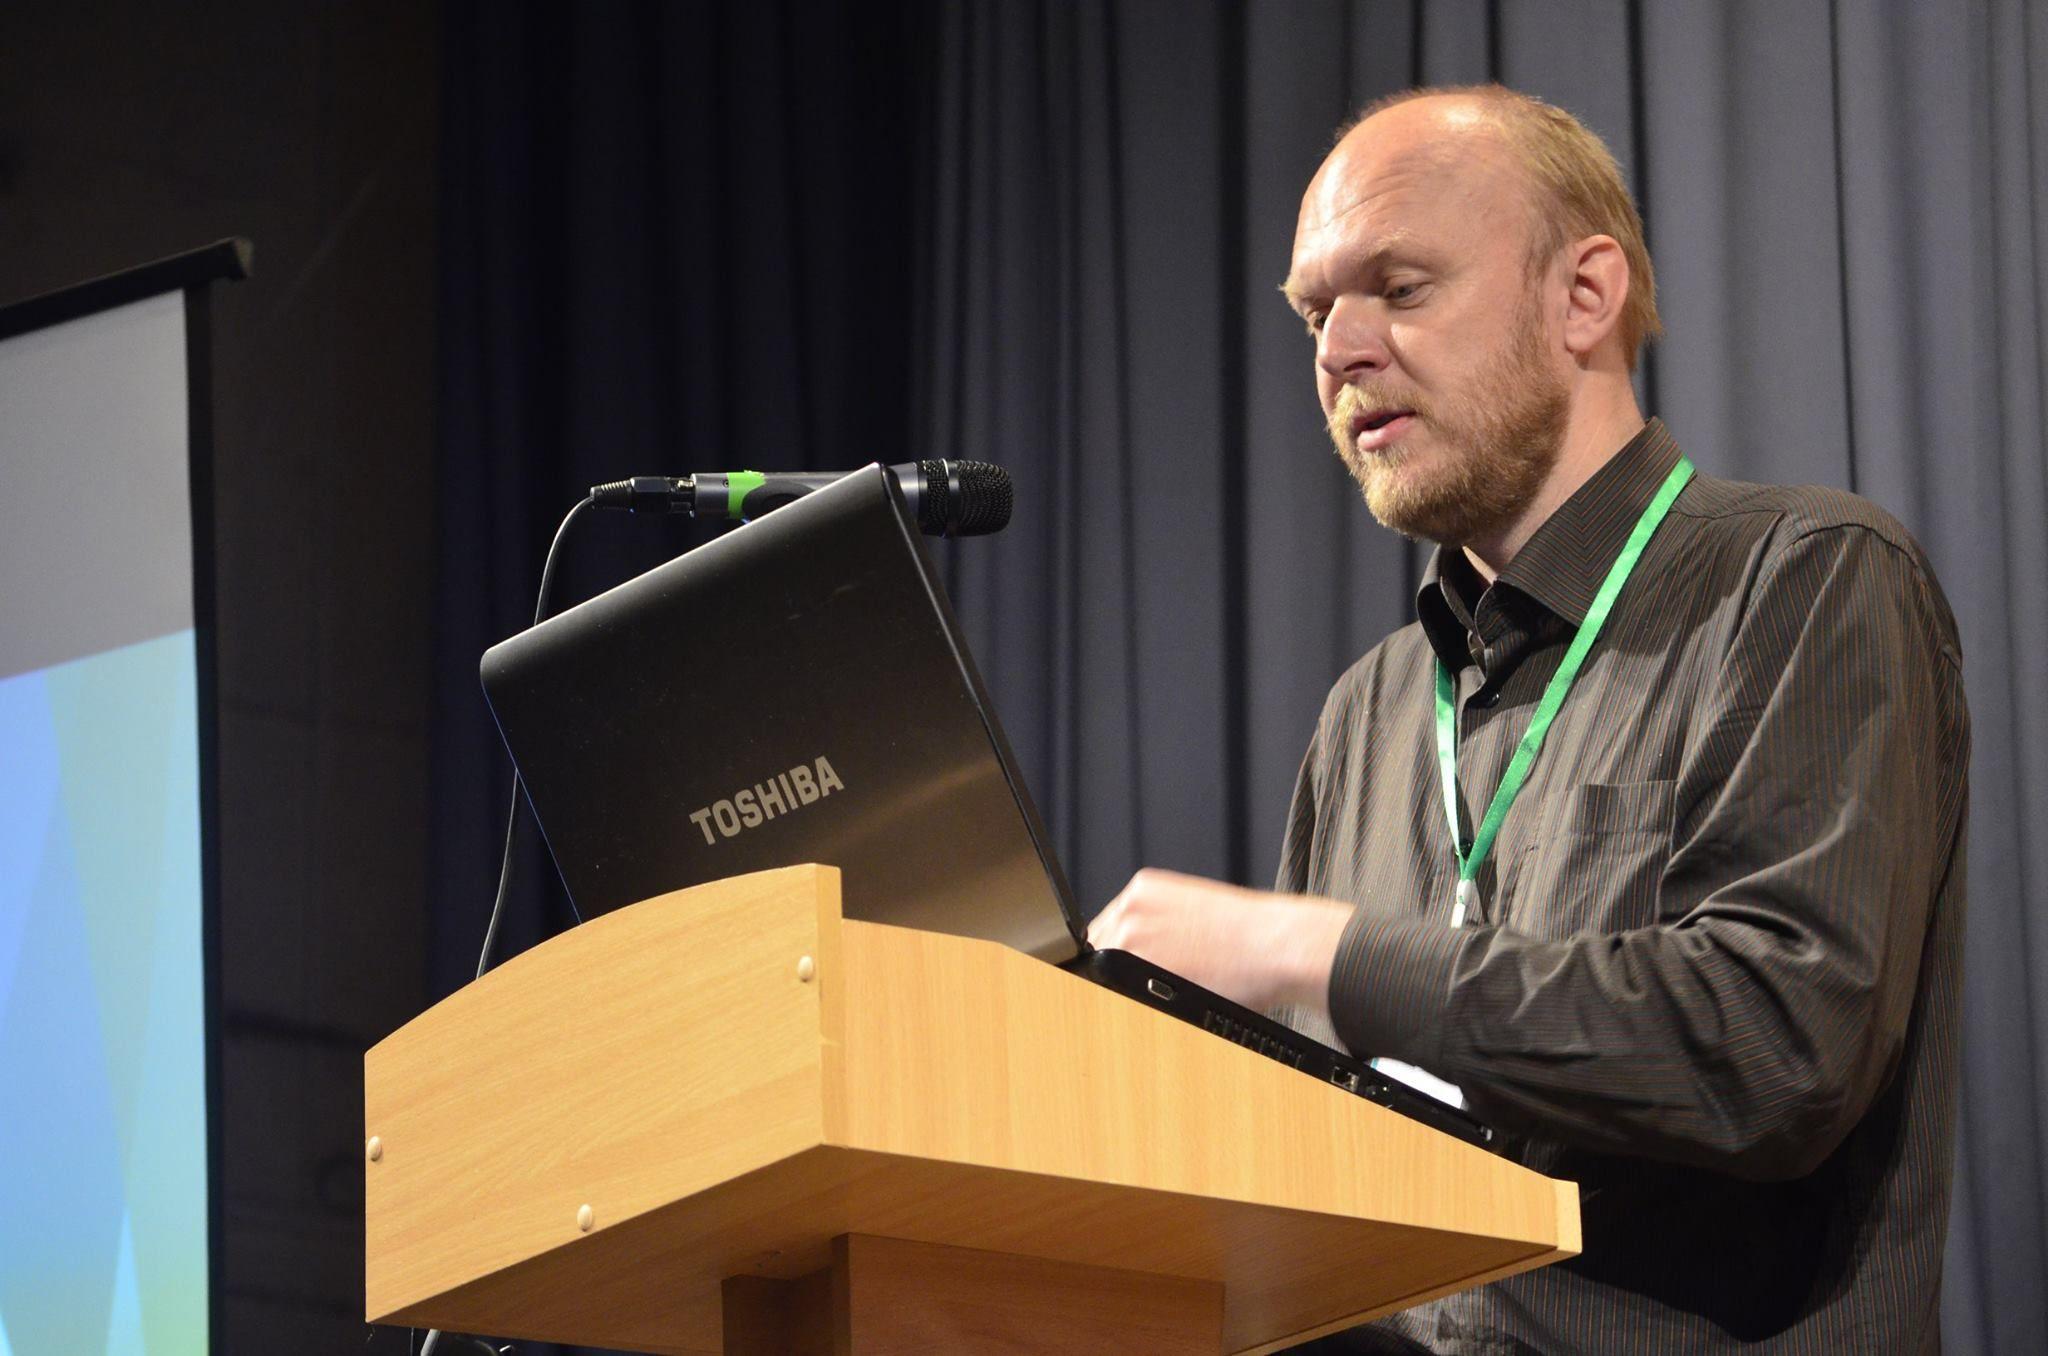 Павел Иванов: Нужно находить баланс между градостроительством и искусством